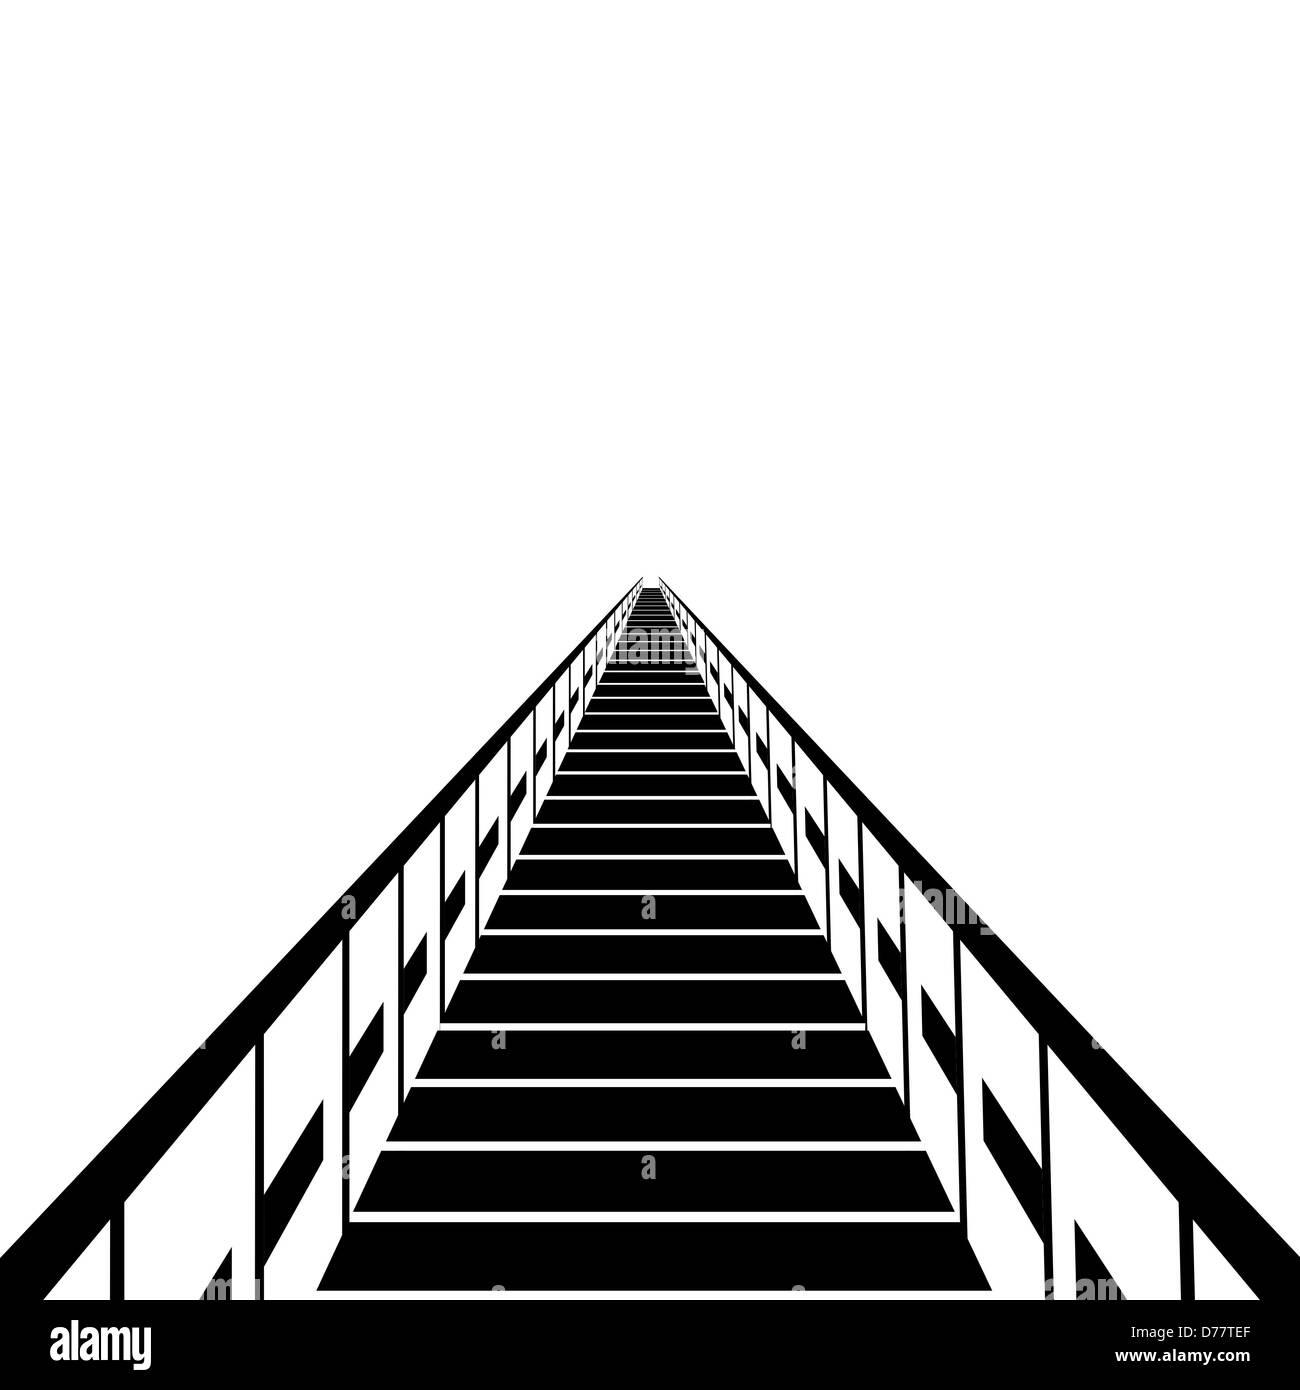 Un traghetto in legno. Bianco e nero illustrazione su uno sfondo bianco. Immagini Stock